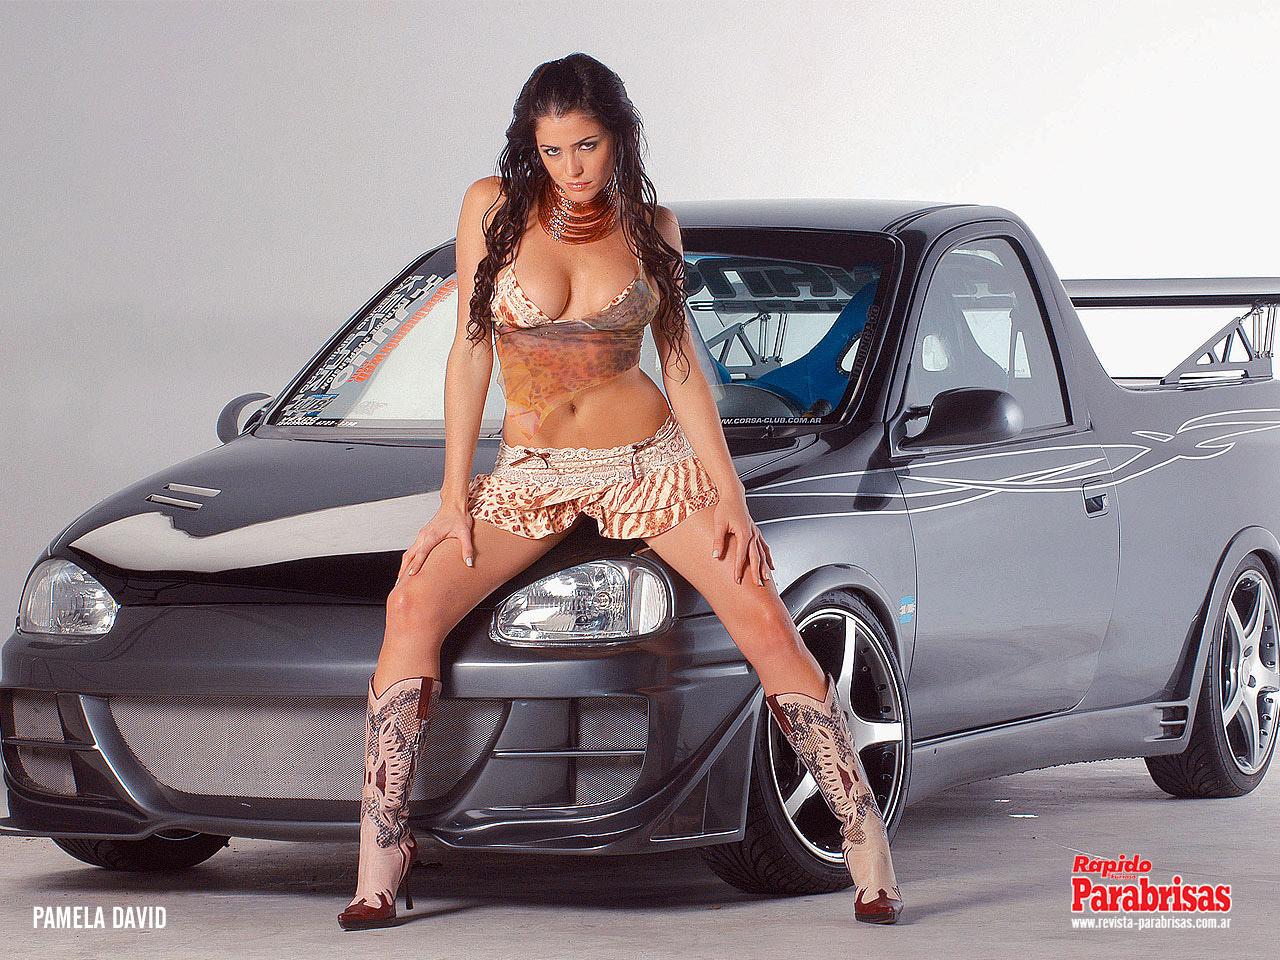 Фото девушки авто 240 320